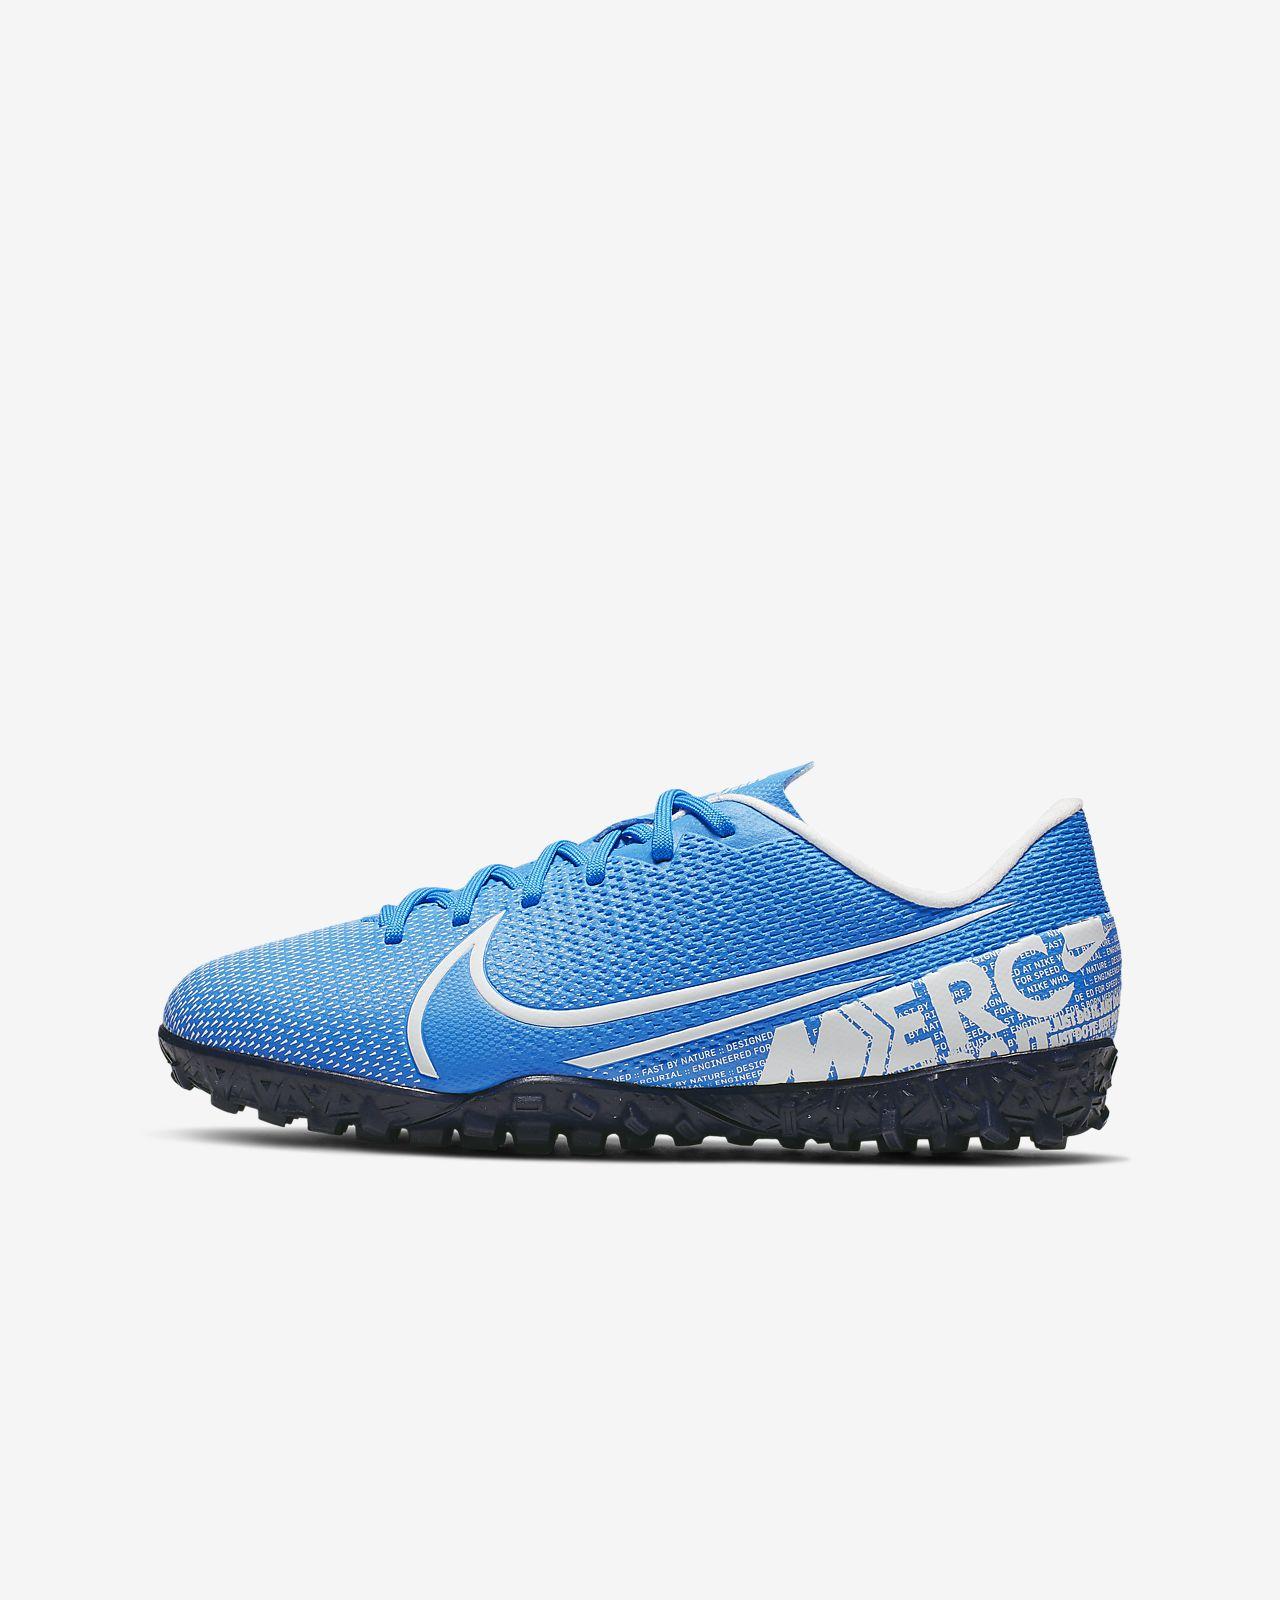 Nike Jr. Mercurial Vapor 13 Academy TF Küçük/Genç Çocuk Halı Saha Kramponu